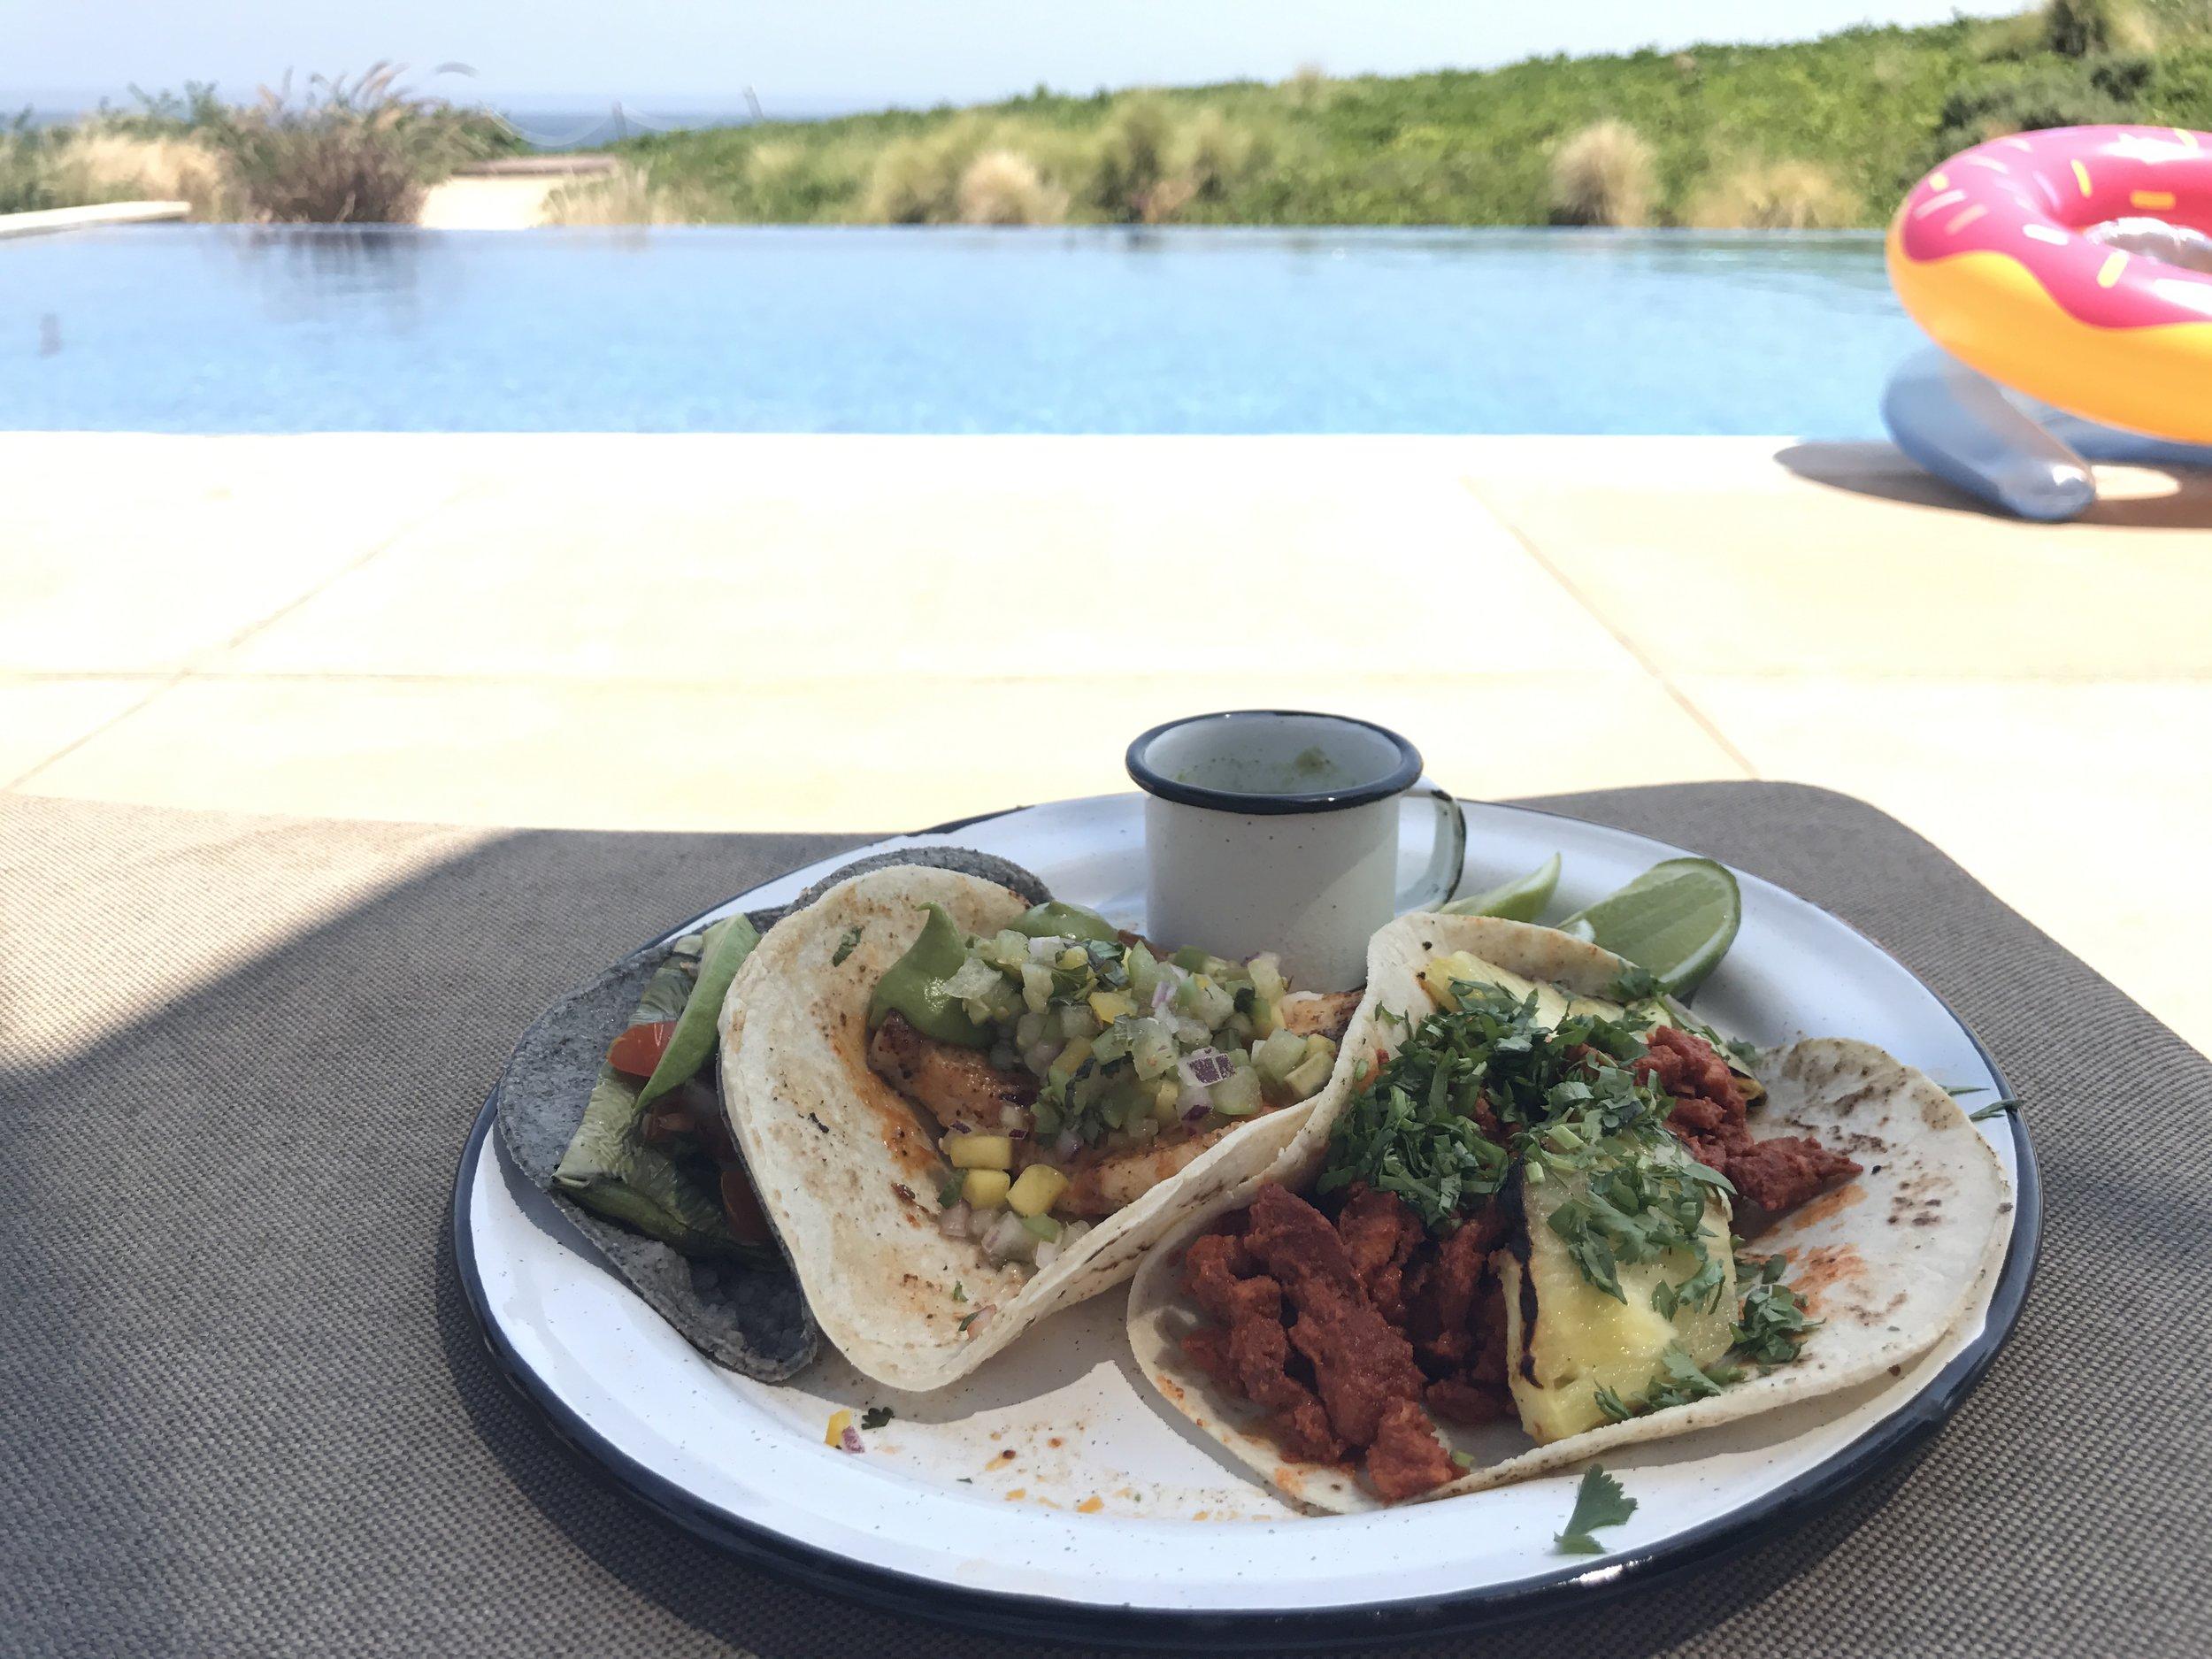 Cactus, fish, and pork tacos. Nak Grill & Bar JW Marriott, San Jose del Cabo